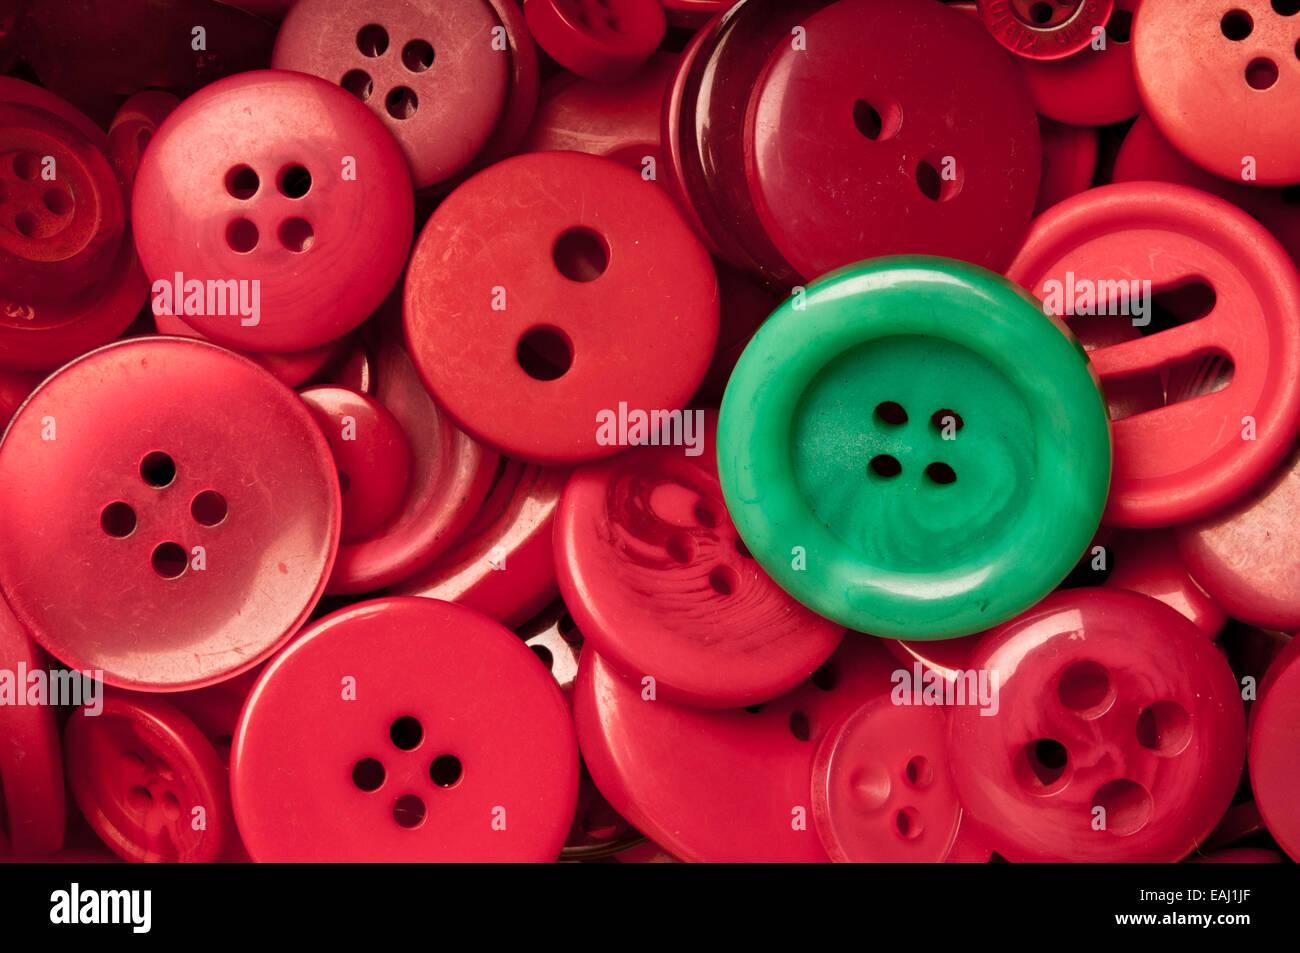 Botón verde entre los botones rojos Imagen De Stock